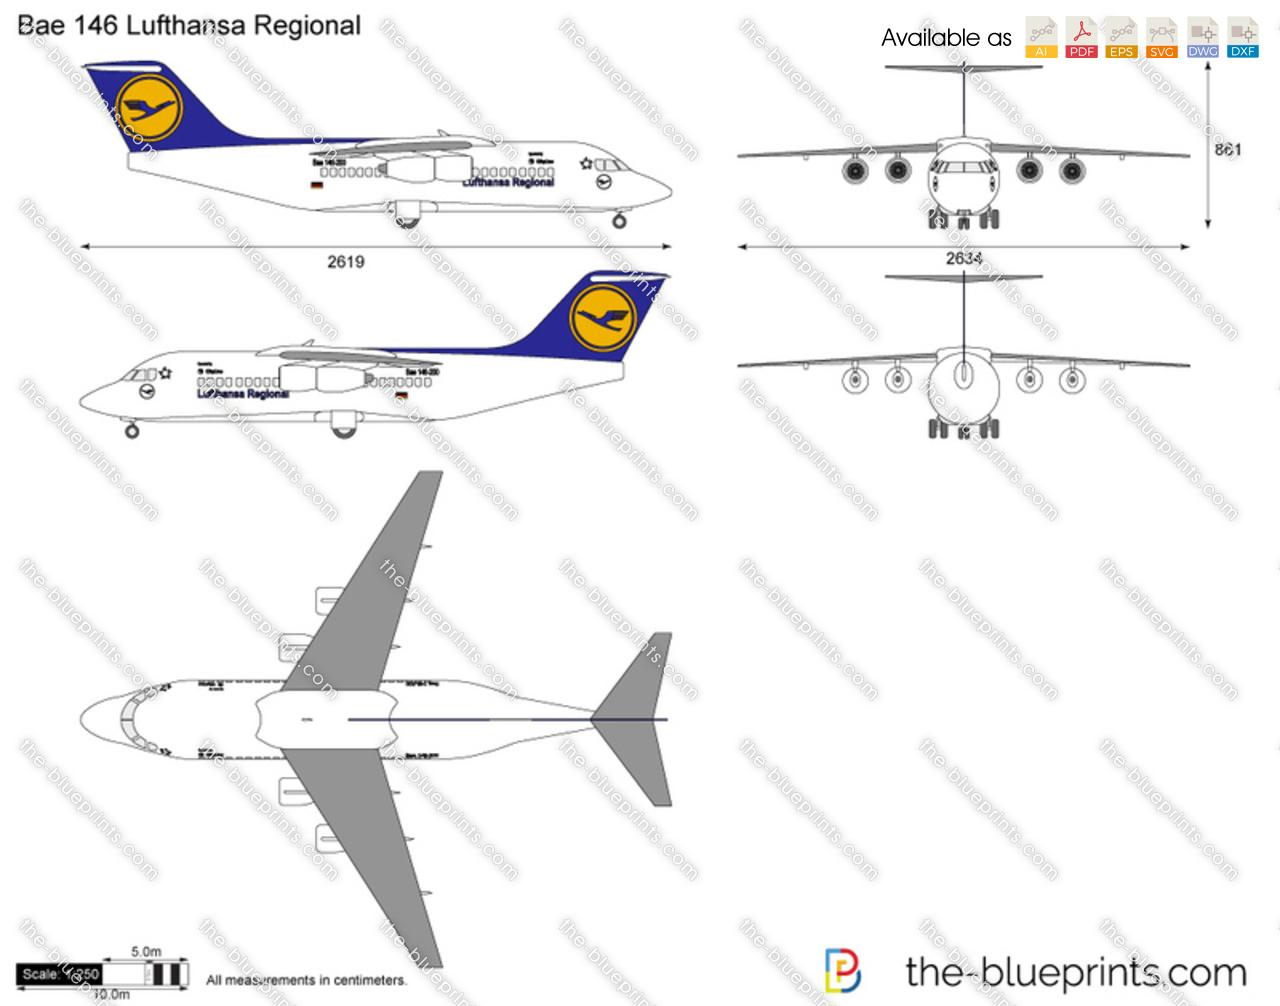 Bae 146 Lufthansa Regional